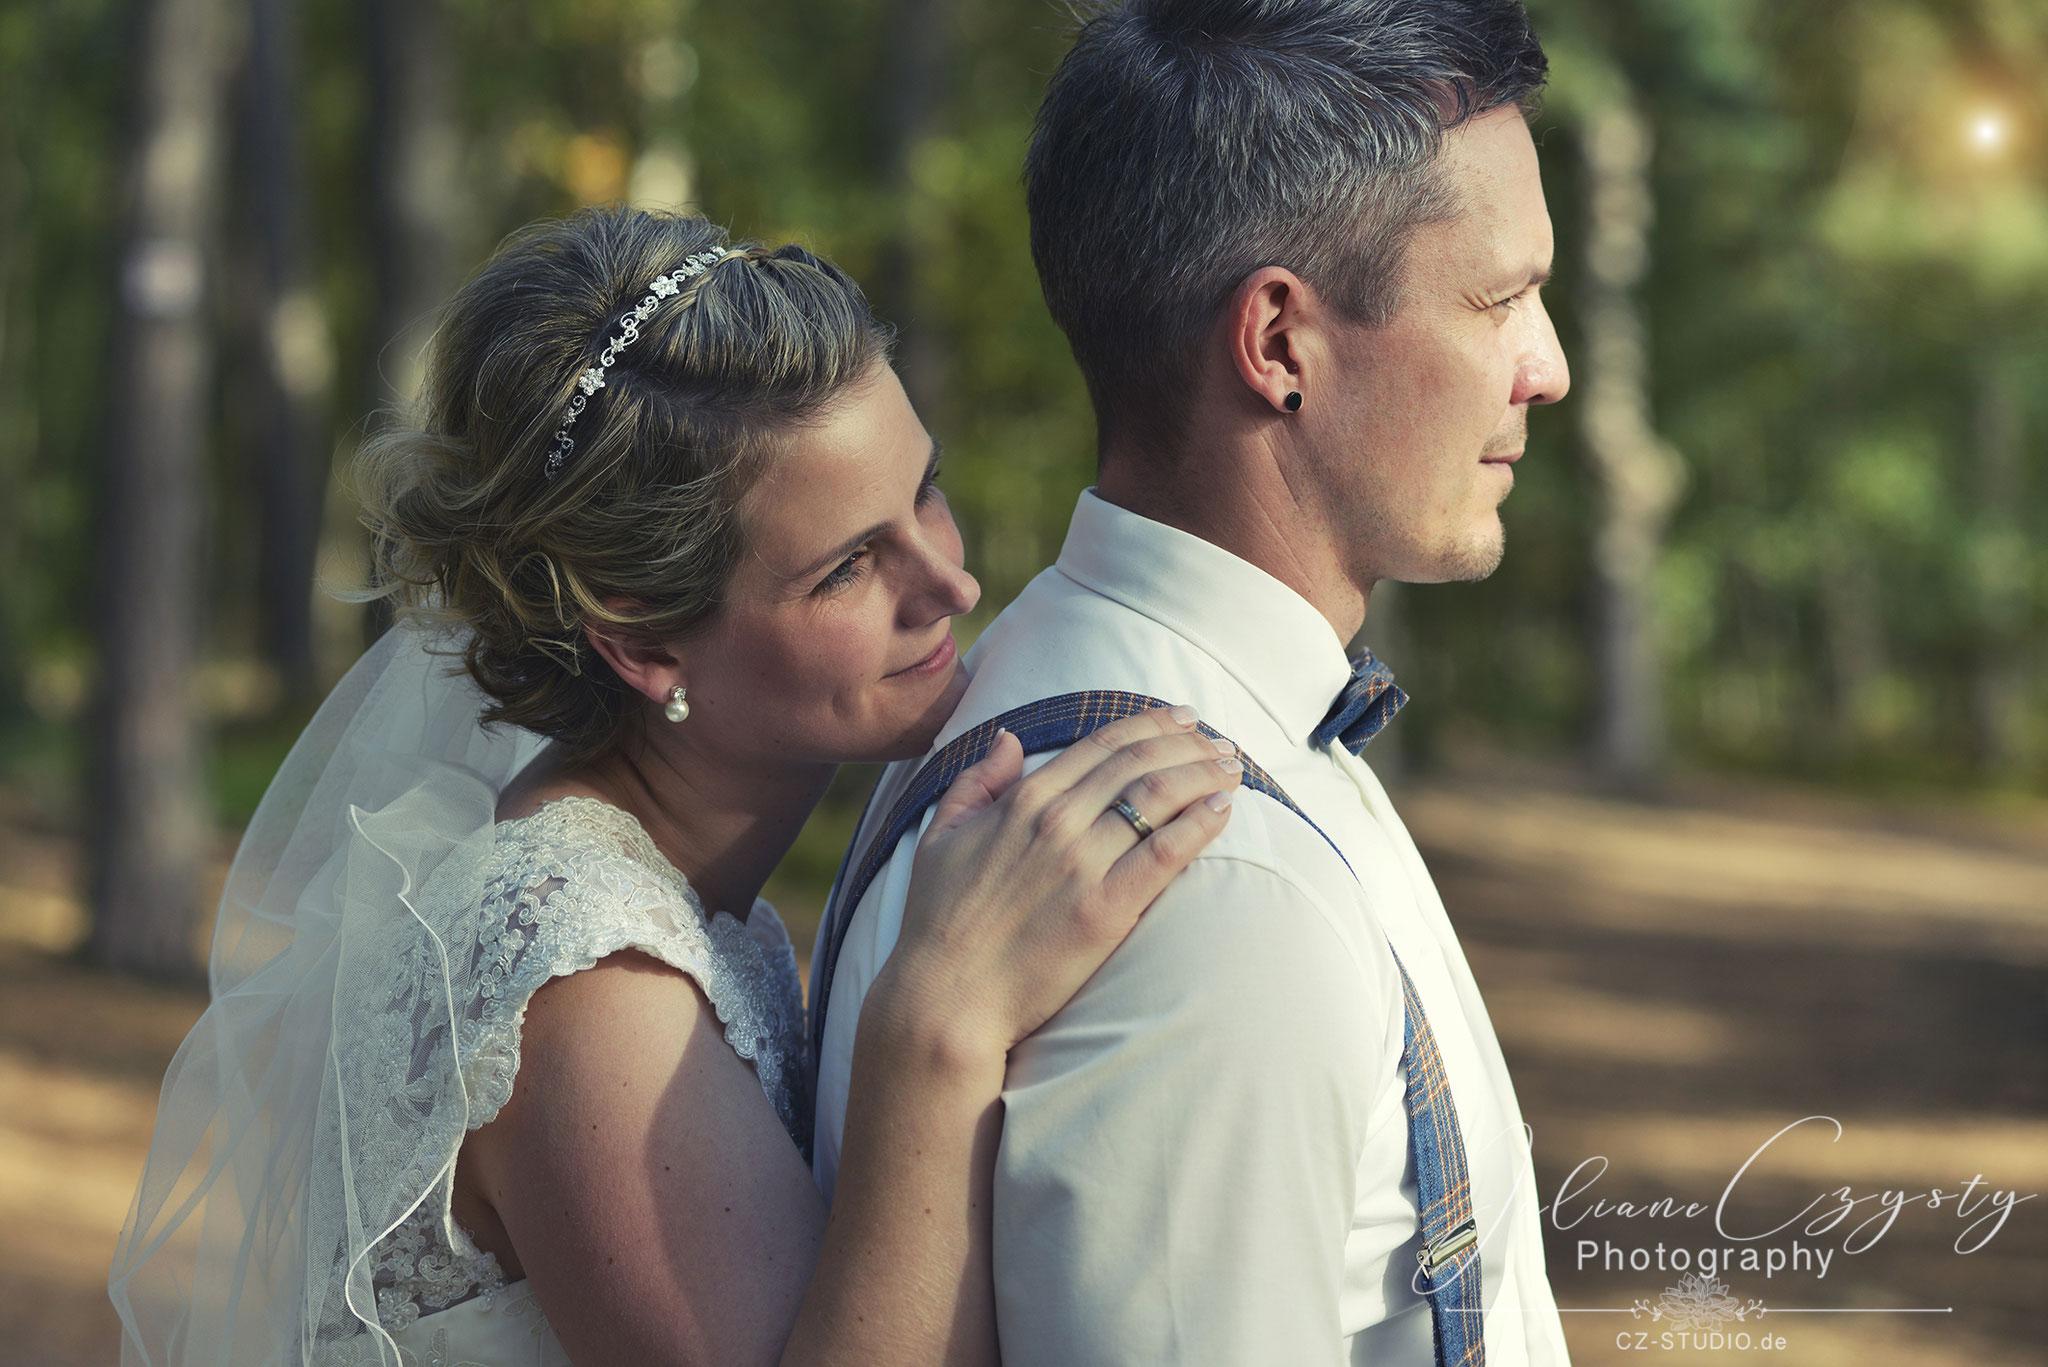 Emotionale Hochzeitsfotos  – Juliane Czysty, Fotografin in Visselhövede bei Rotenburg